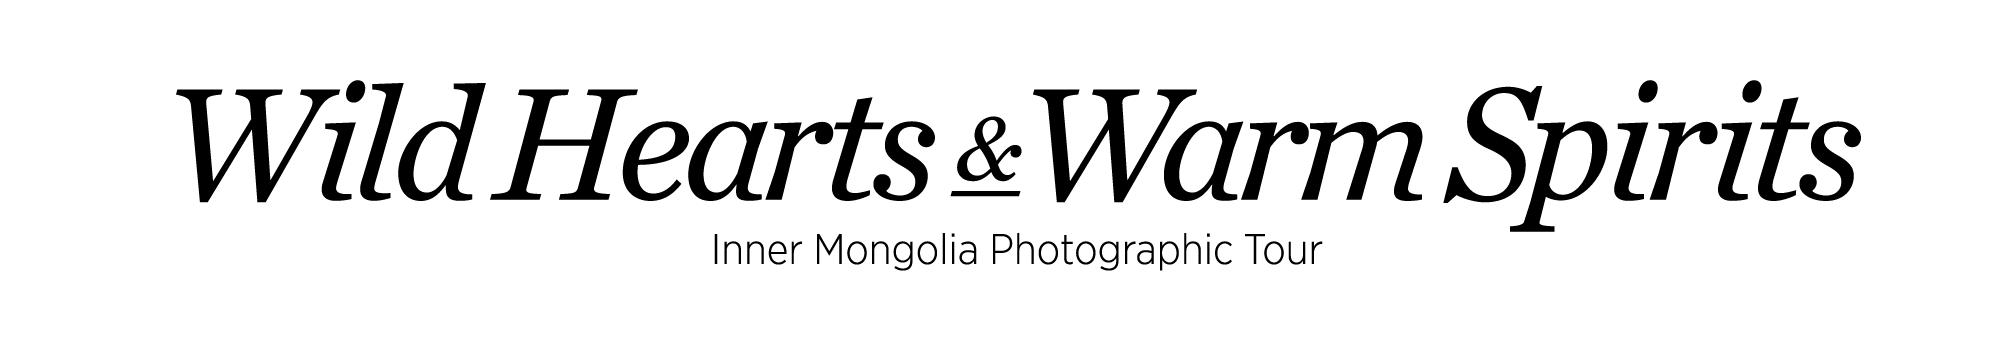 inner mongolia logo